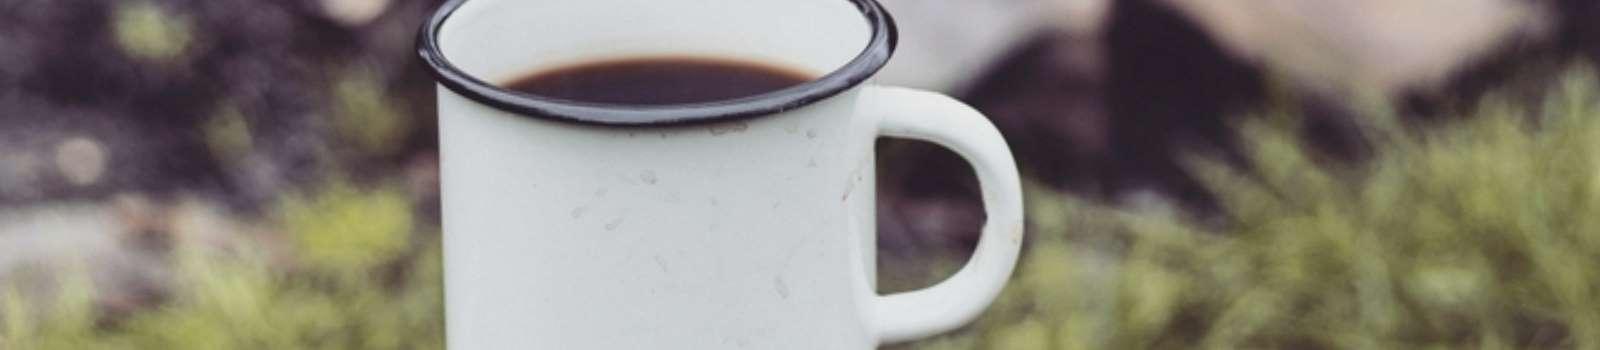 Black and Tan Coffee